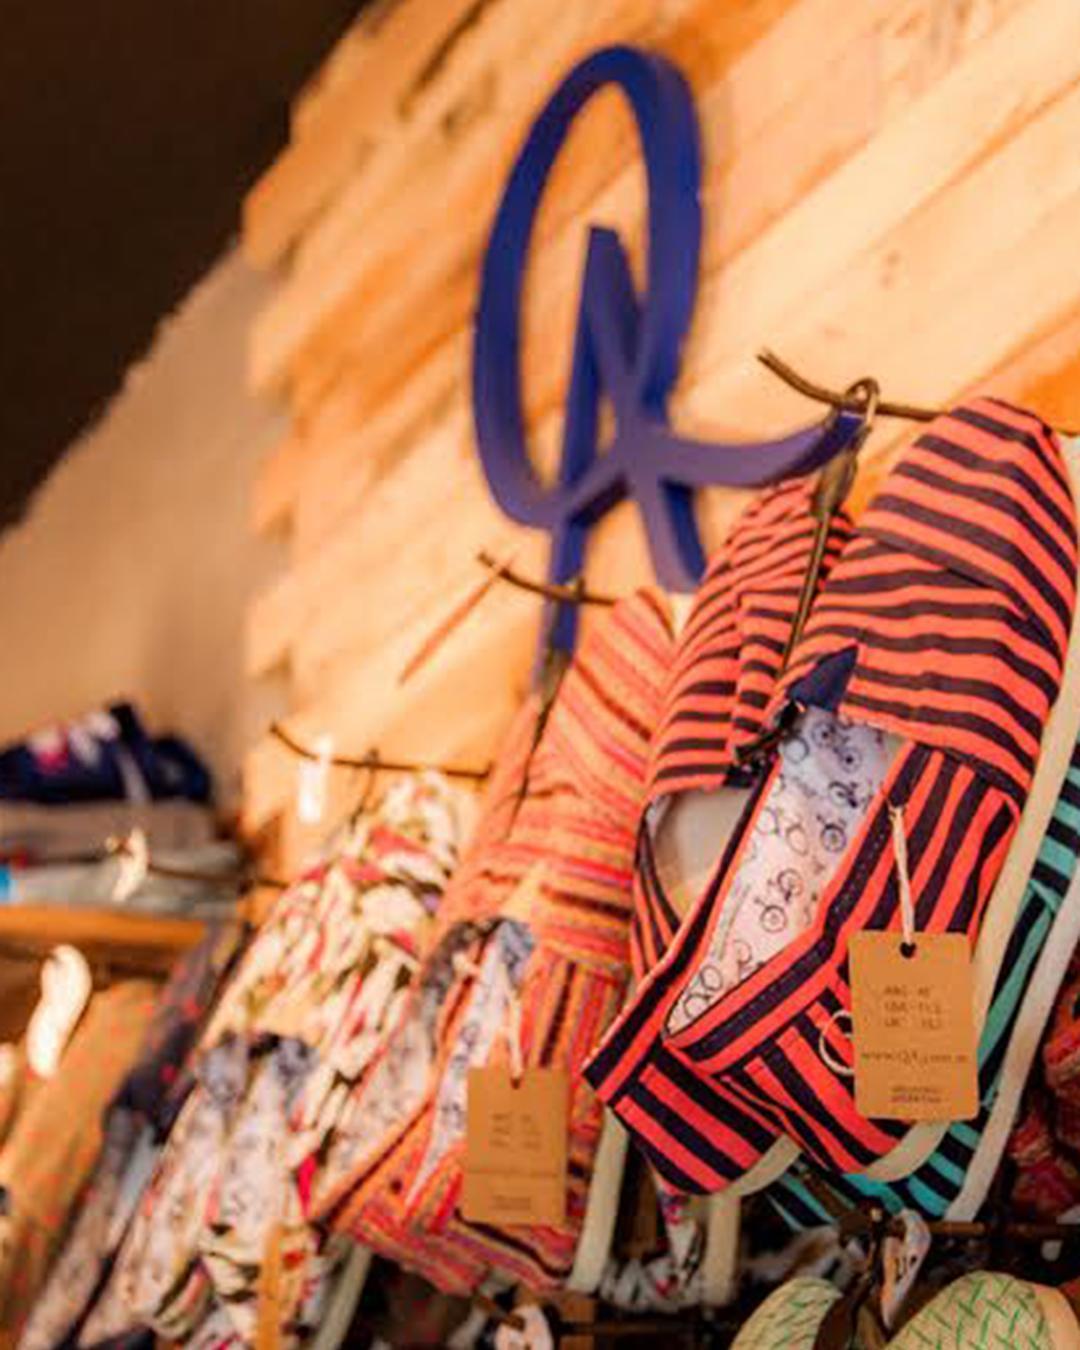 ● Encontrá todos los productos QA en nuestros locales exclusivos.  Hoy les compartimos el local de Las Cañitas, que se encuentra en la calle Migueletes 730 de Lun a Sáb de 10 a 20hs. Visitanos y llévate la prenda que más te guste.